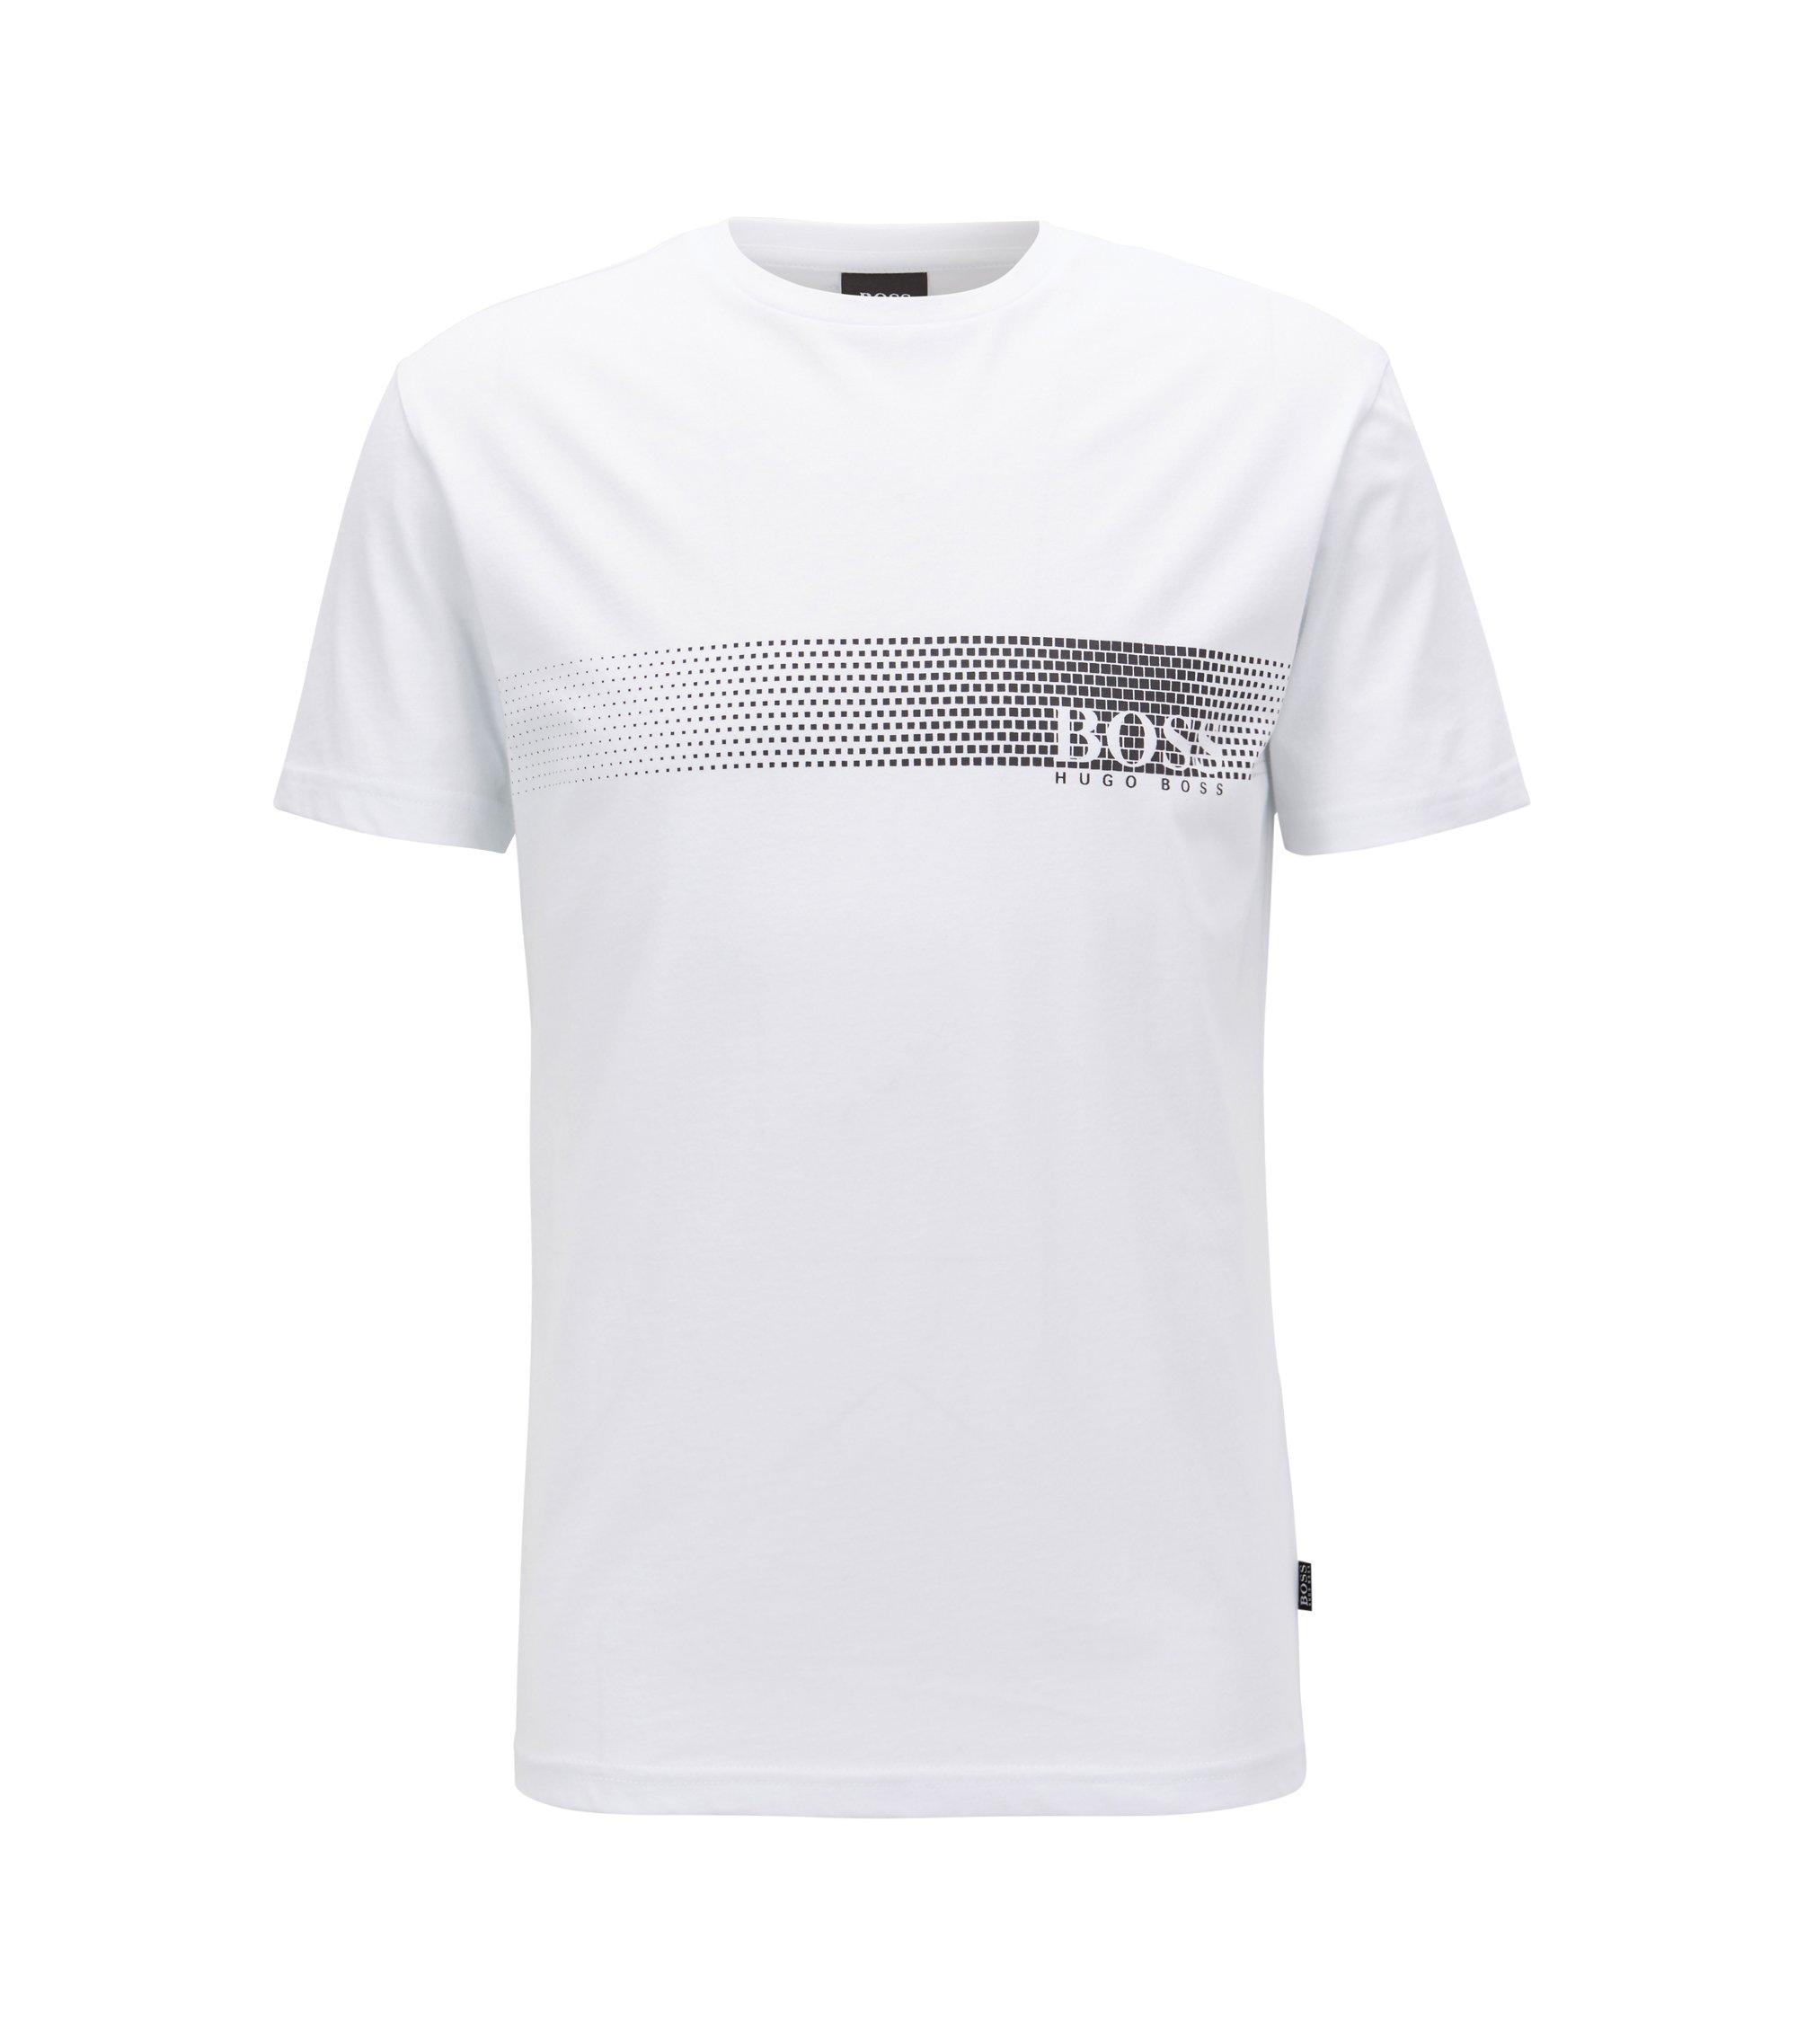 T-Shirt aus Baumwolle mit Logo-Print und Sonnenschutz, Weiß